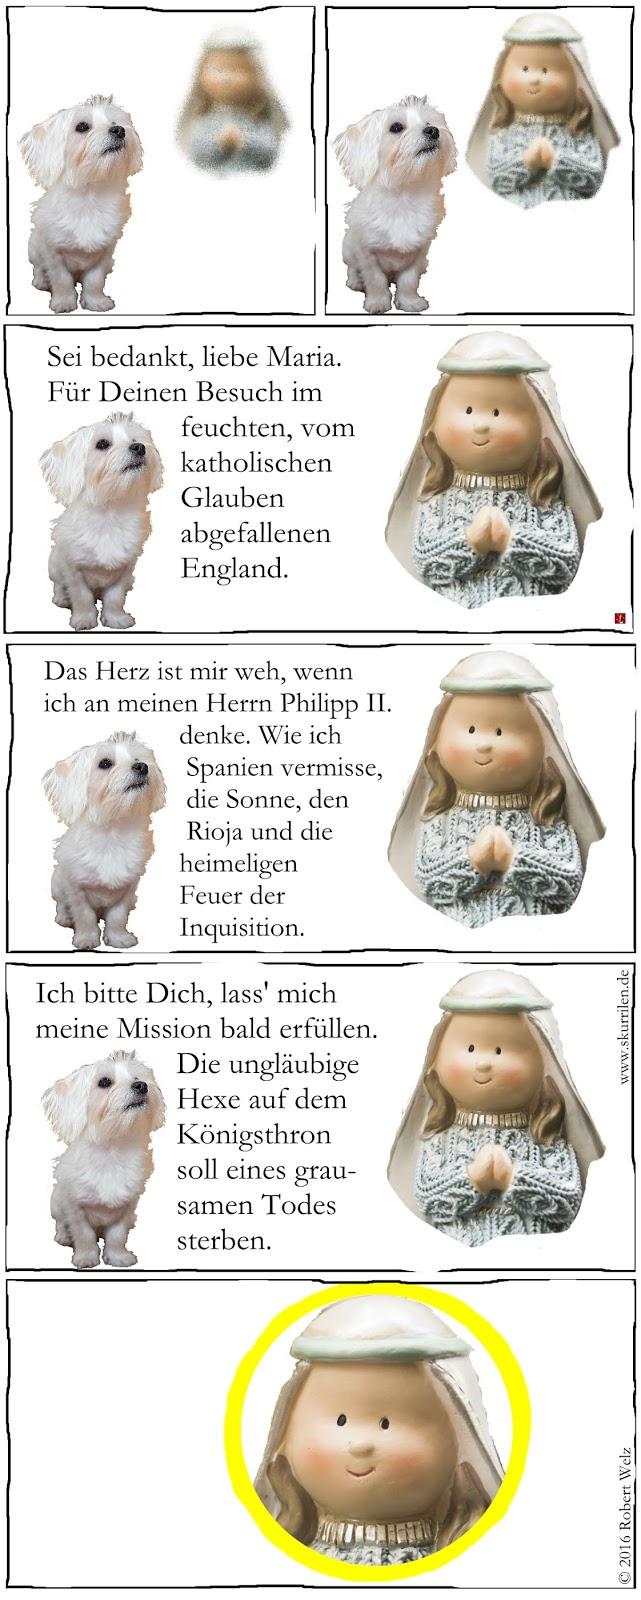 absurde Comedy. Der drollige Malteser Hunde-Welpe hat eine Marien-Erscheinung. Religiöser Wahn oder Realität? Und ist diesem Hundebaby wirklich zu trauen?